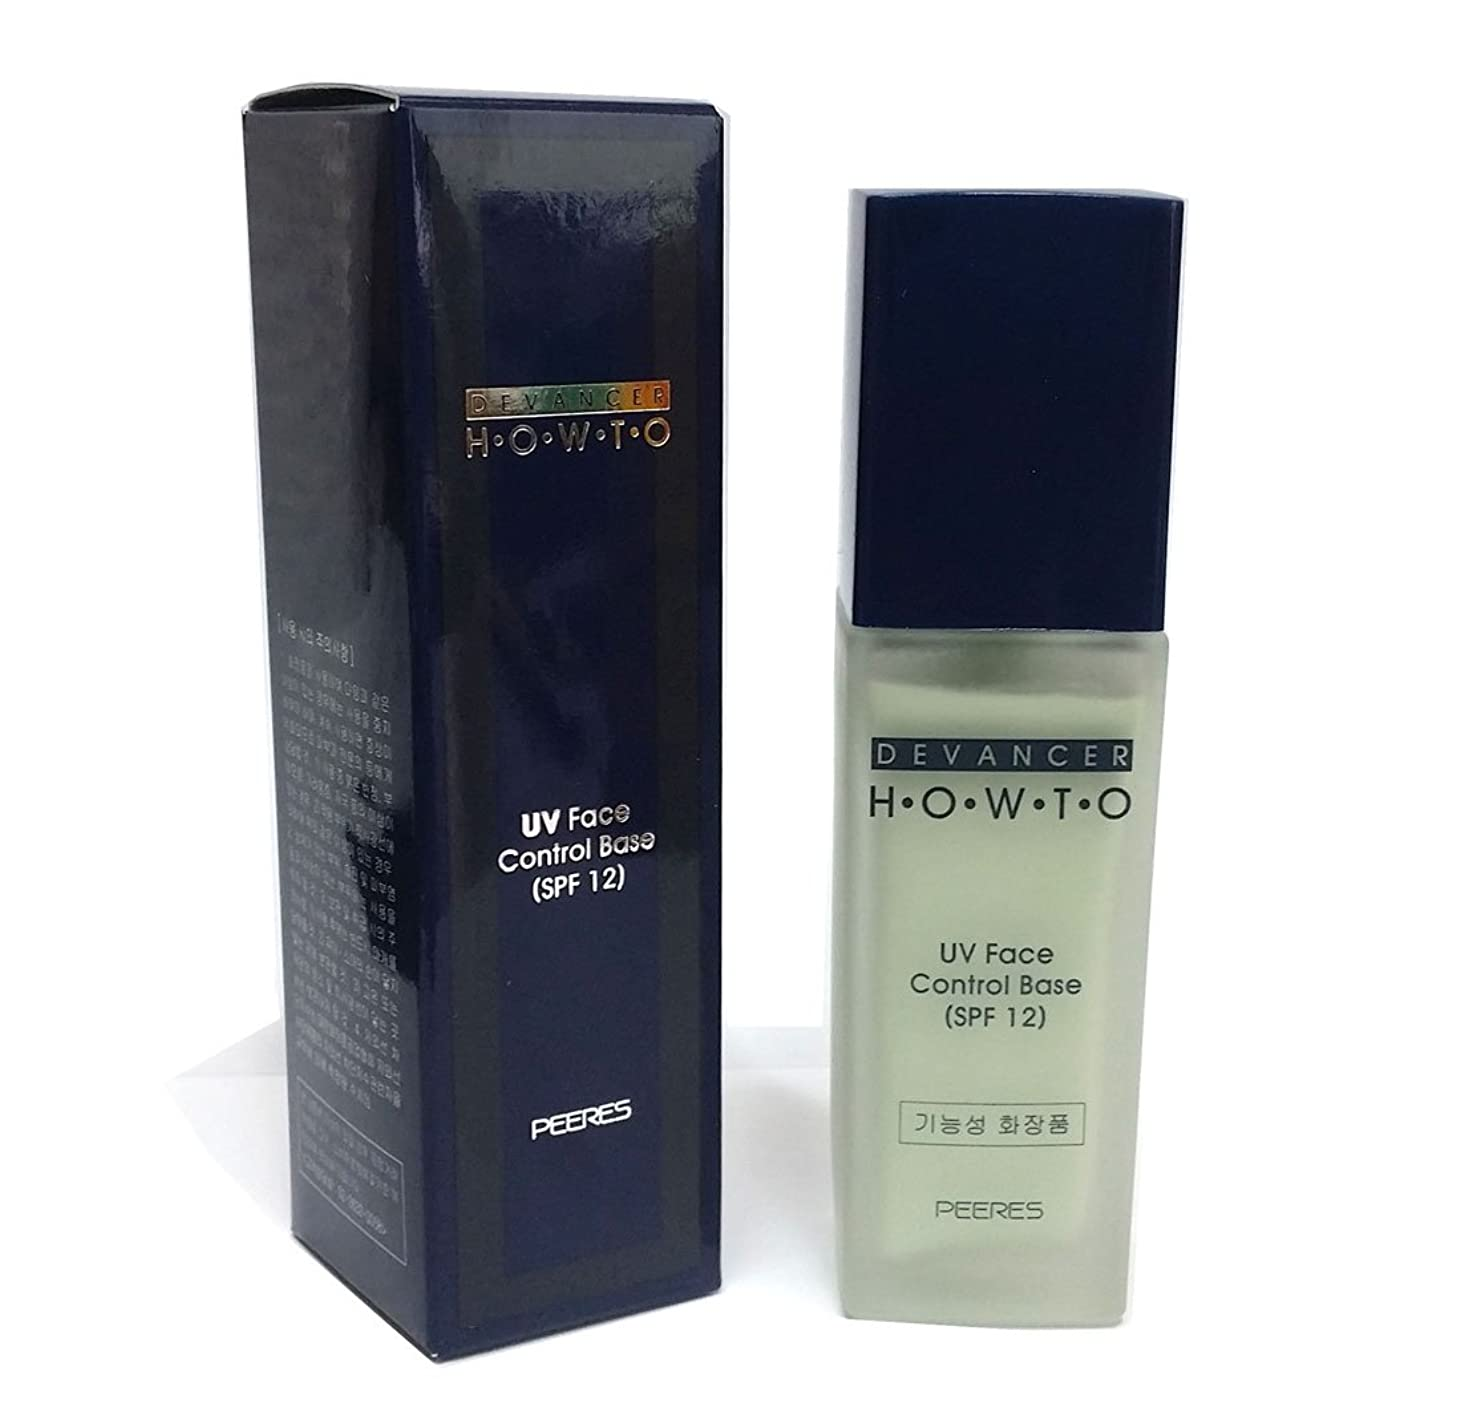 硬さ物理ずるい[Devancer] Peeres UVフェイスコントロールベース40g(SPF12)No.50グリーン / Peeres?UV face Control Base 40g(SPF12) No.50 green / メイクアップベース / Makeup Base / 韓国化粧品 / Korean Cosmetics [並行輸入品]